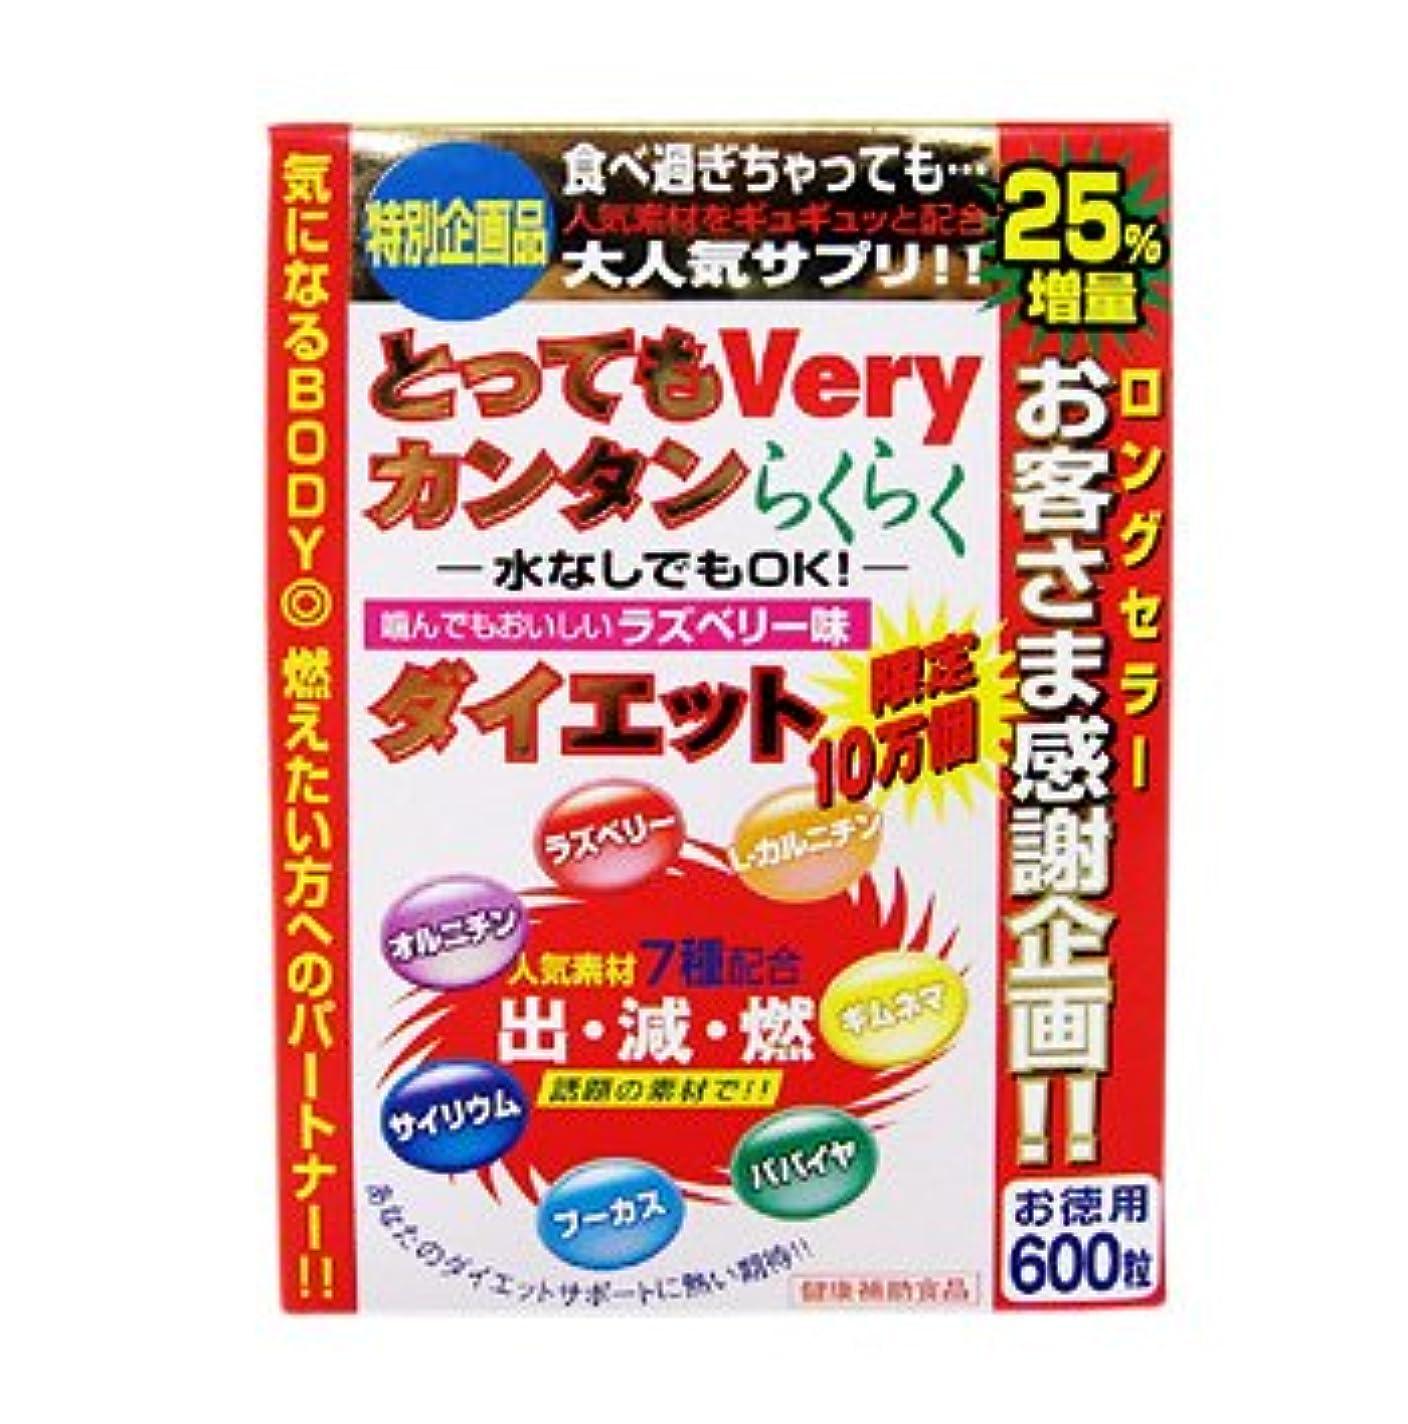 眼省本物のジャパンギャルズSC とってもVery カンタンらくらくダイエット お徳用 600粒 とってもベリー×30個セット